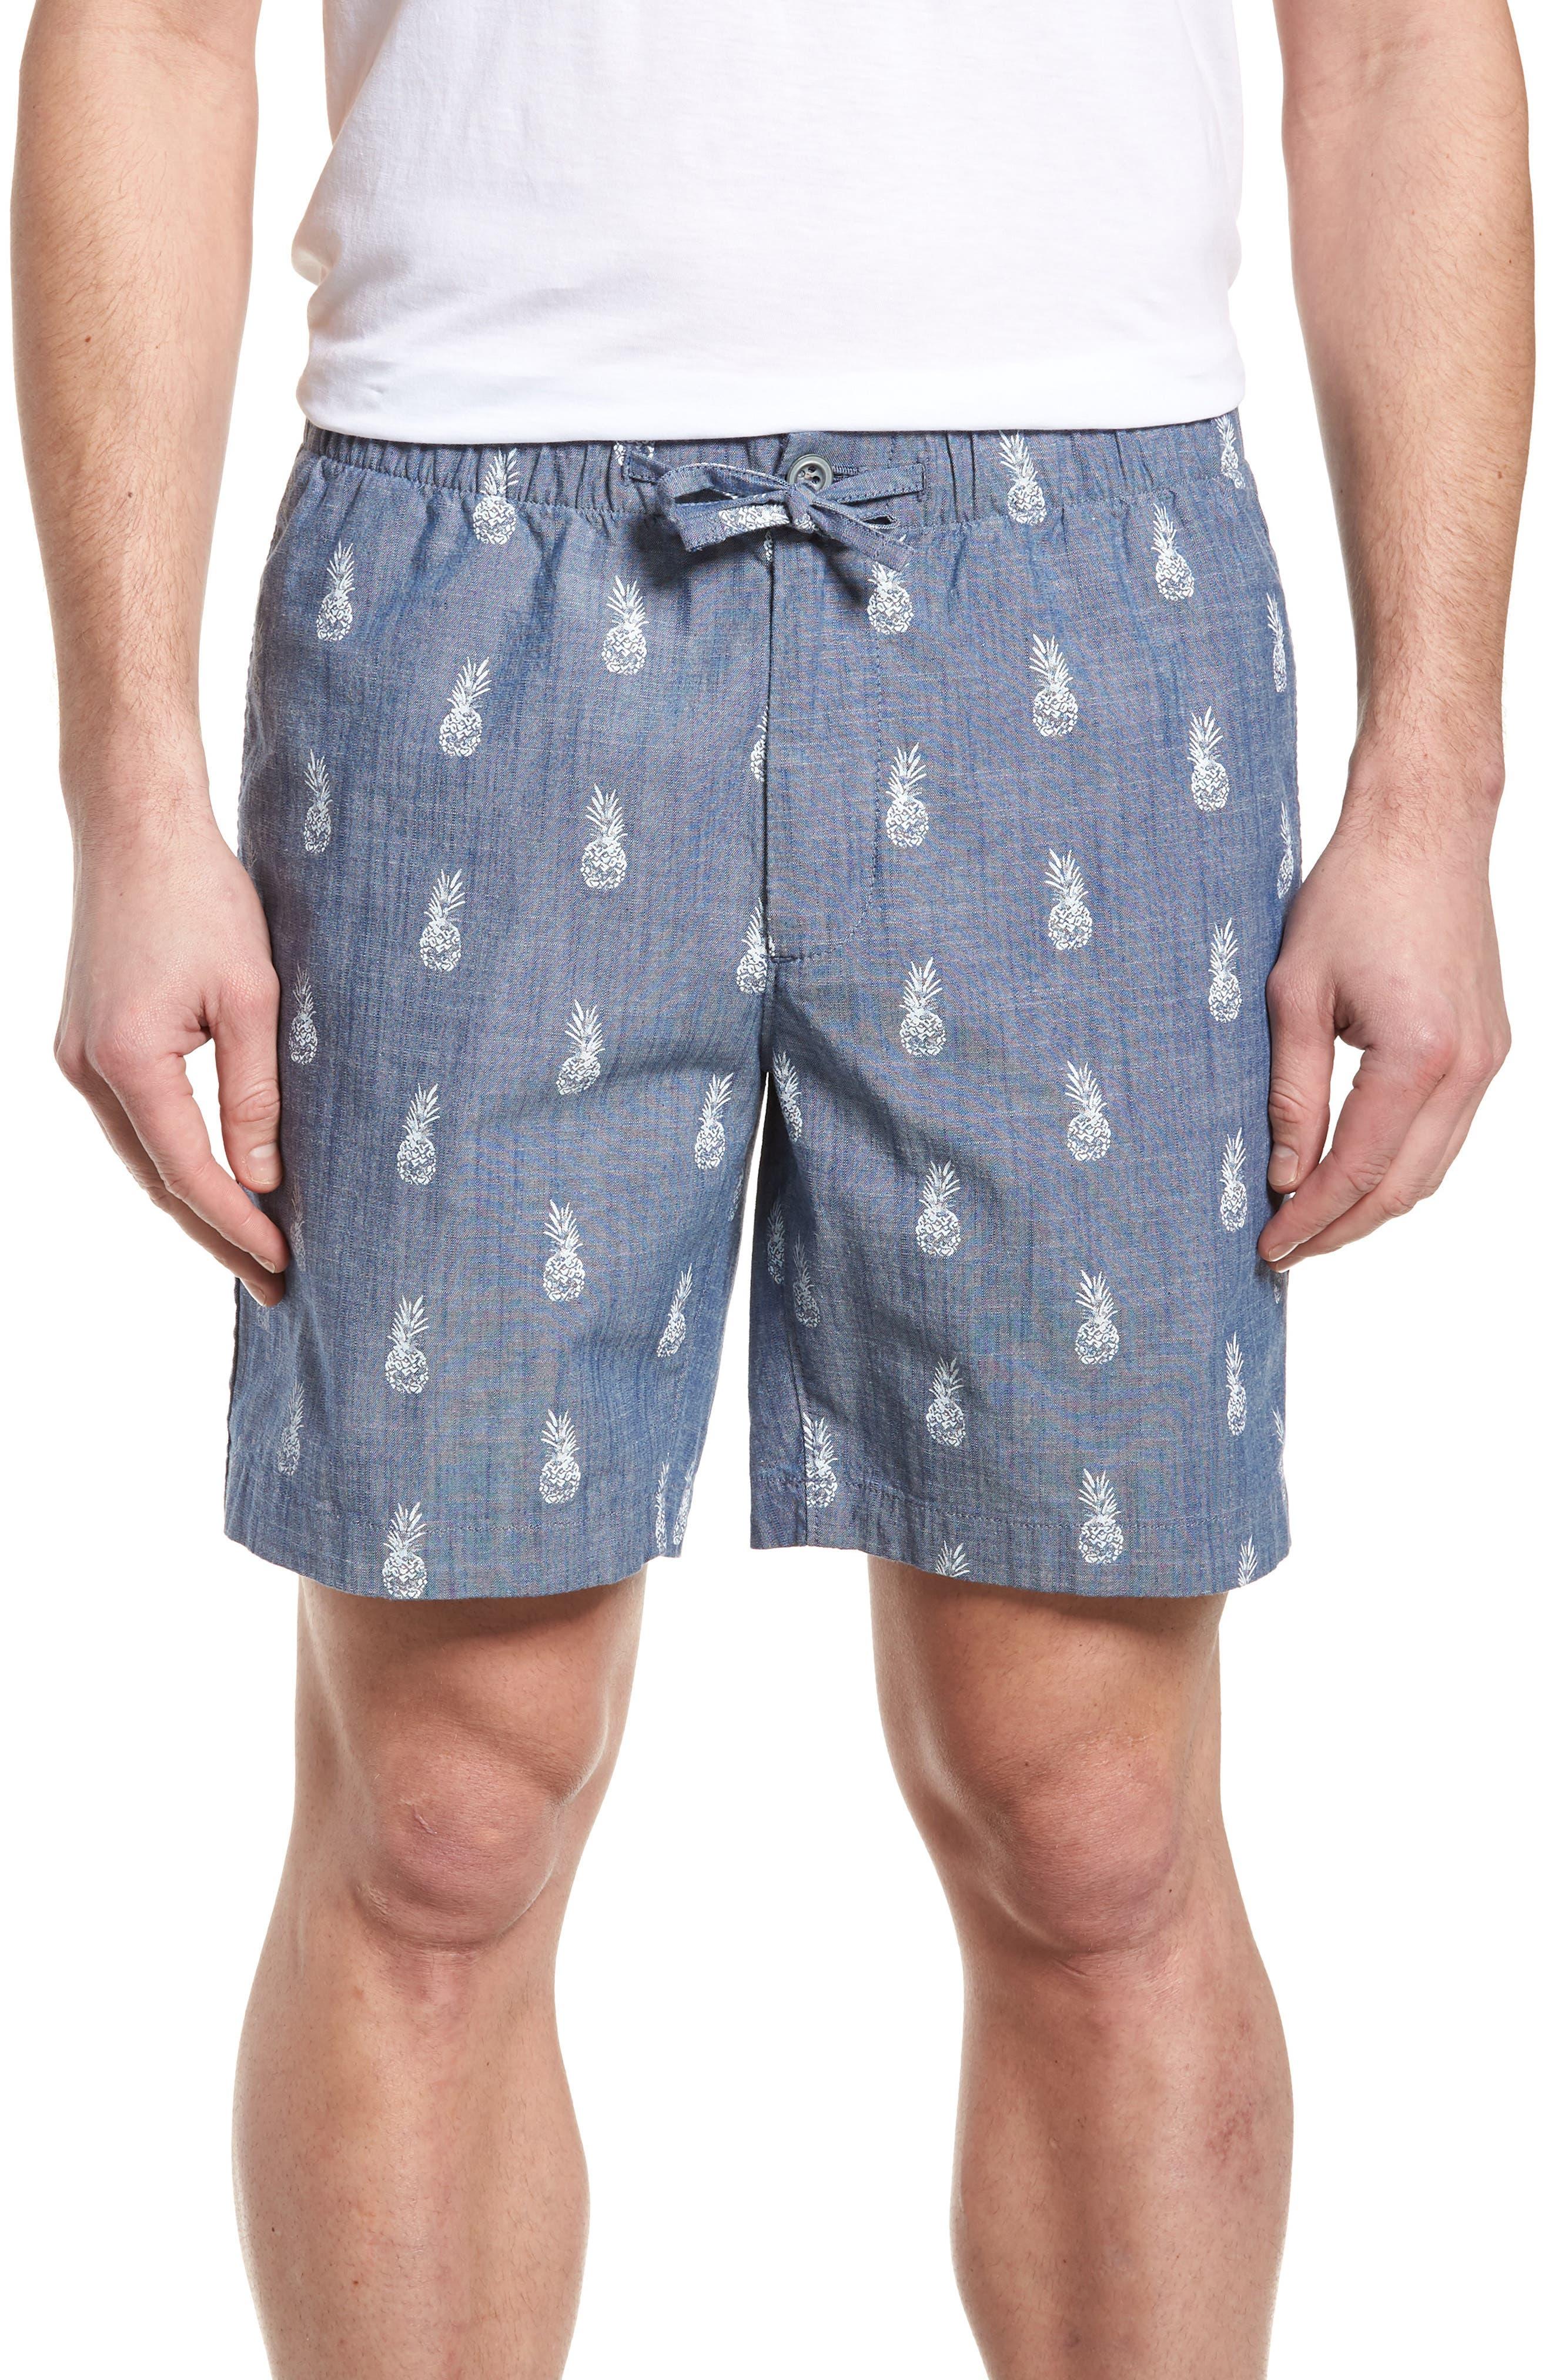 BONOBOS Print Chambray Shorts, Main, color, 400